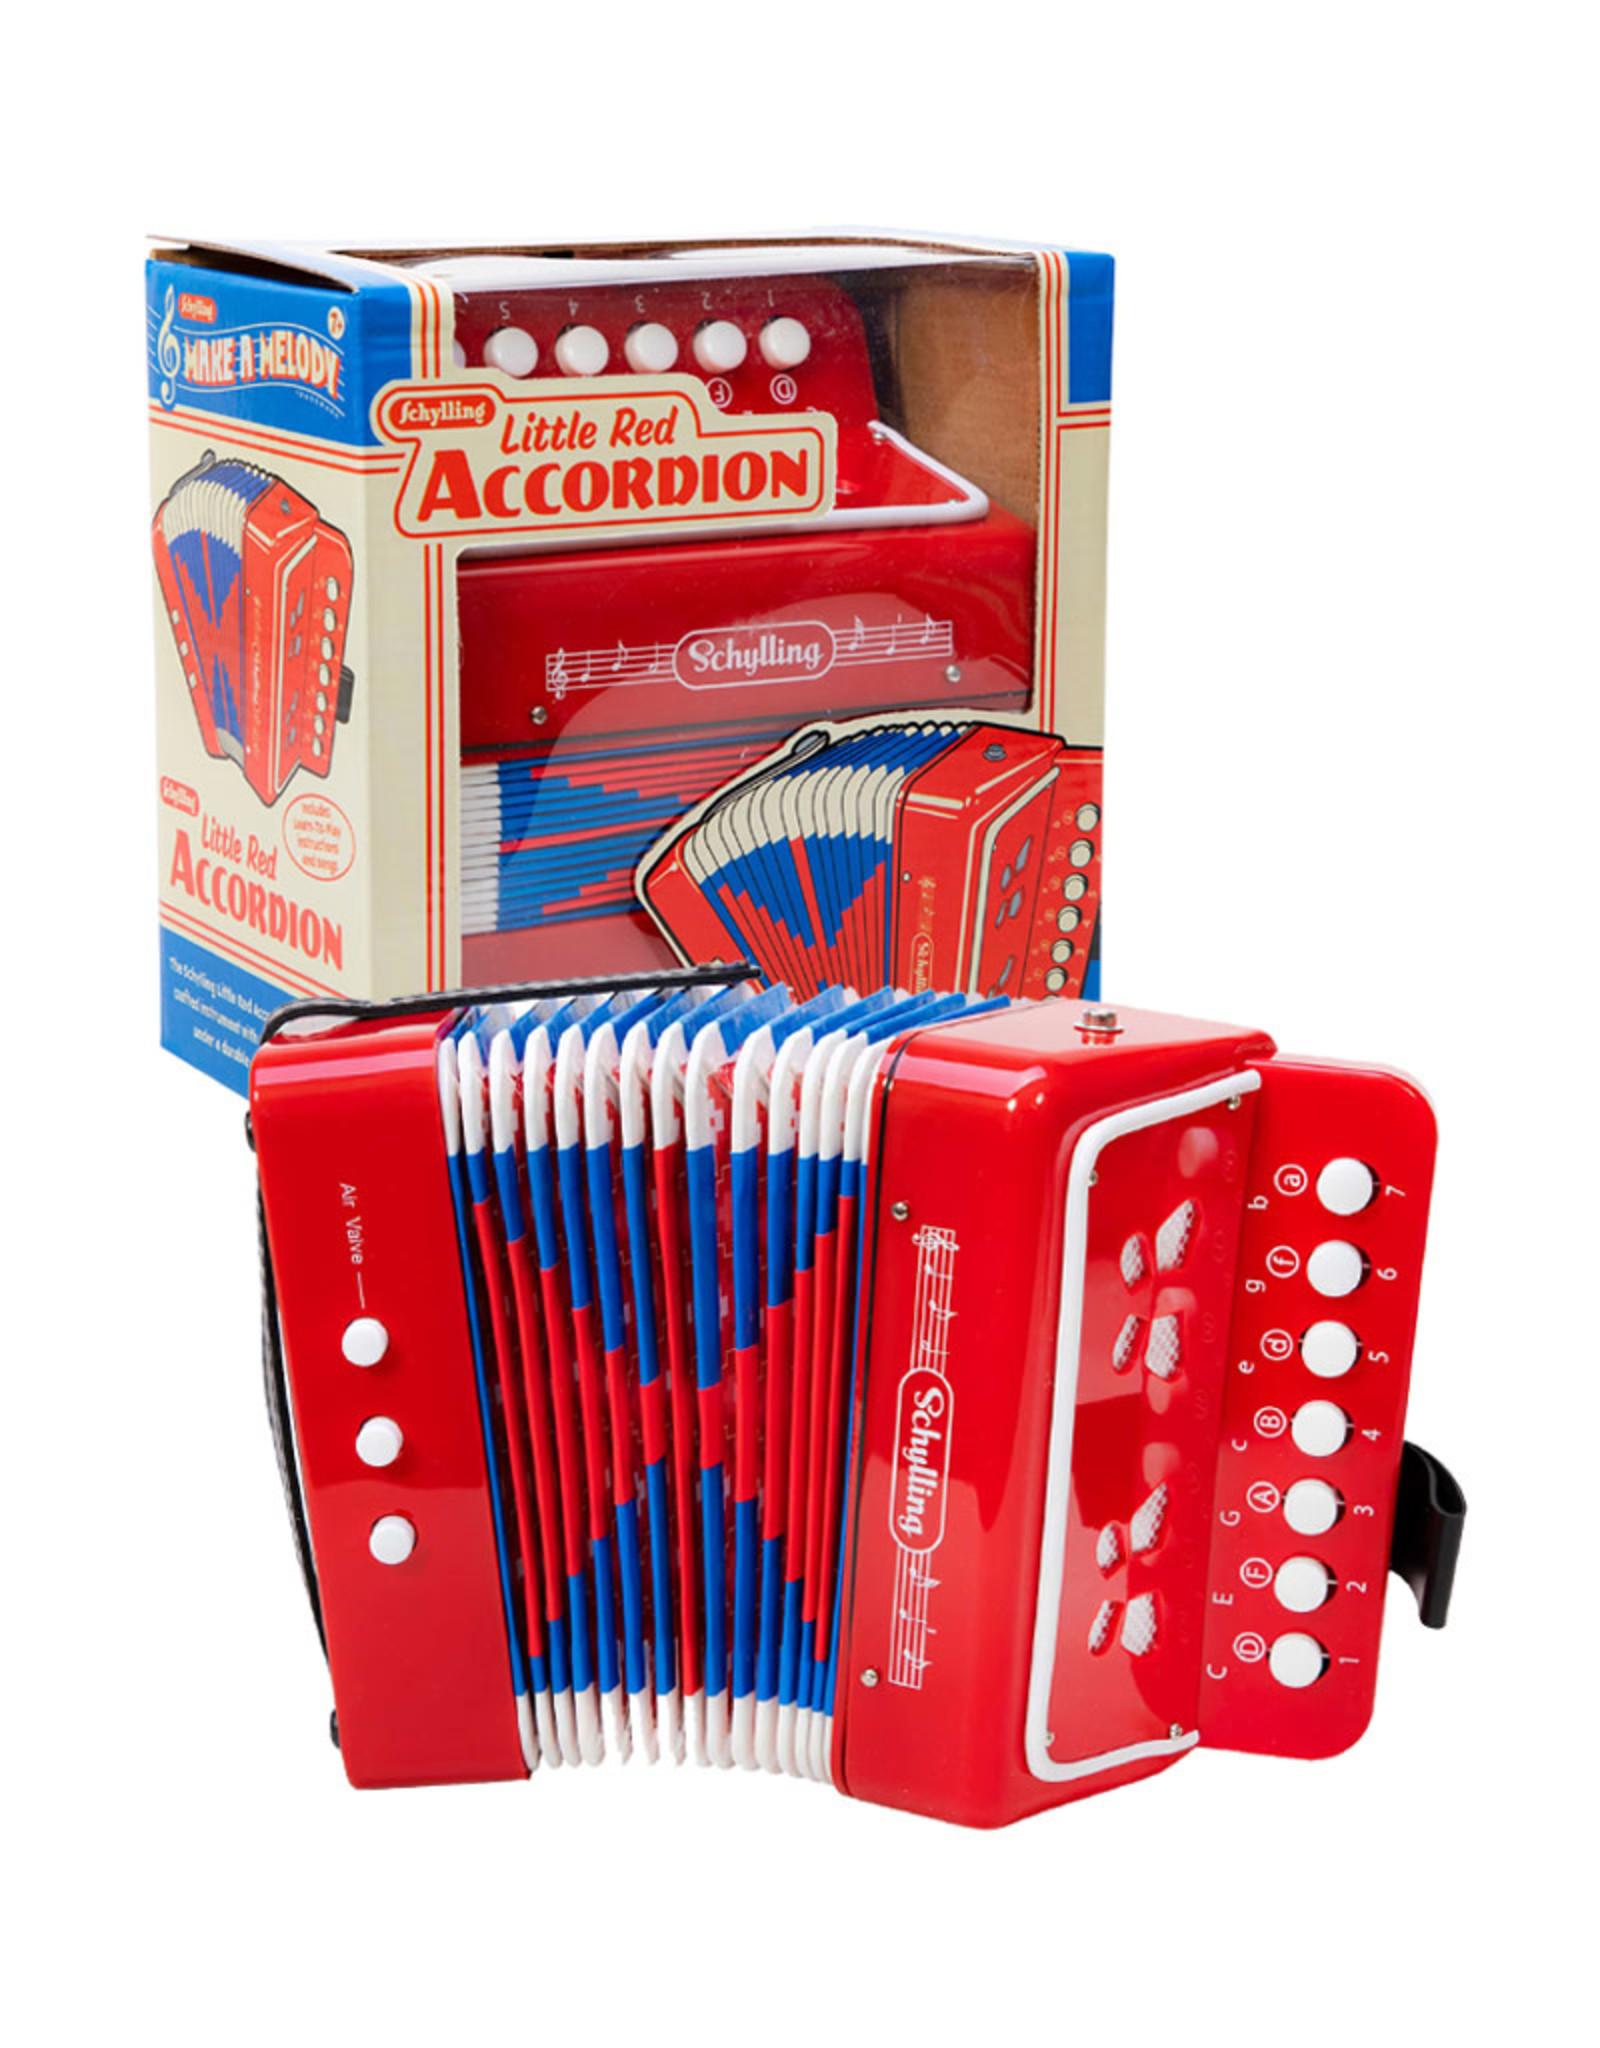 Accordion ( Retro Toy )